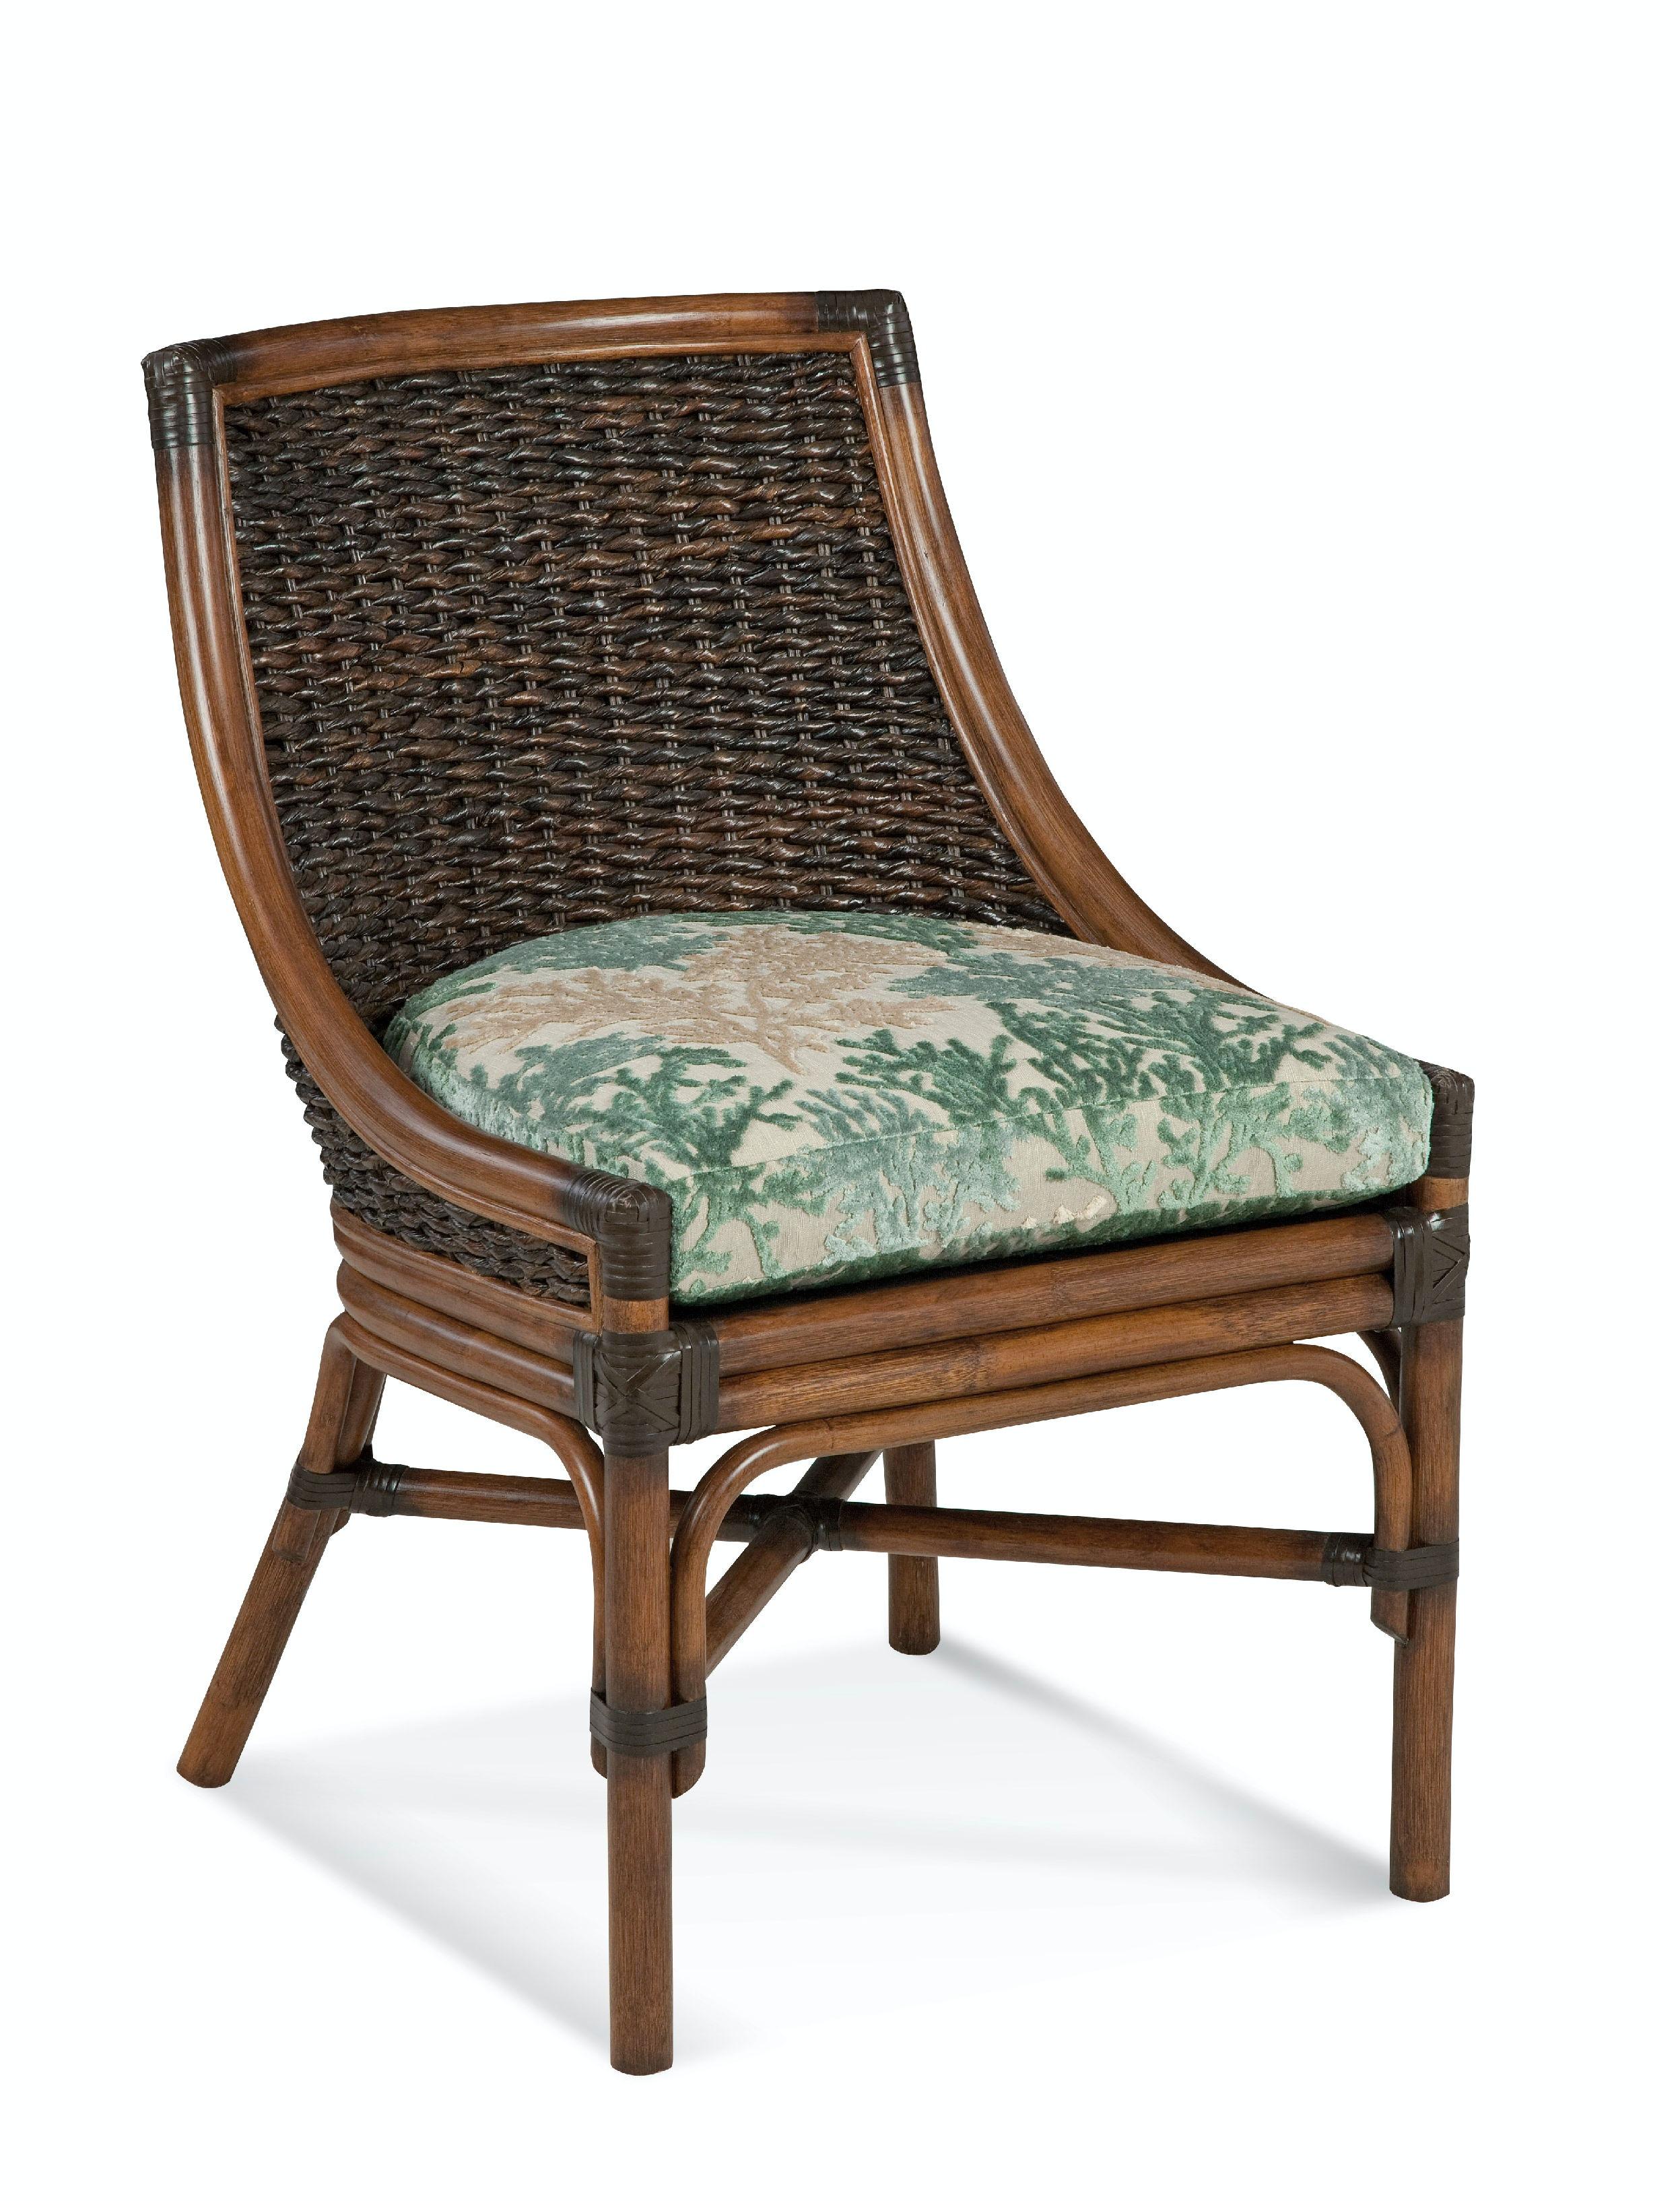 Coconut Grove Chair 2923-001